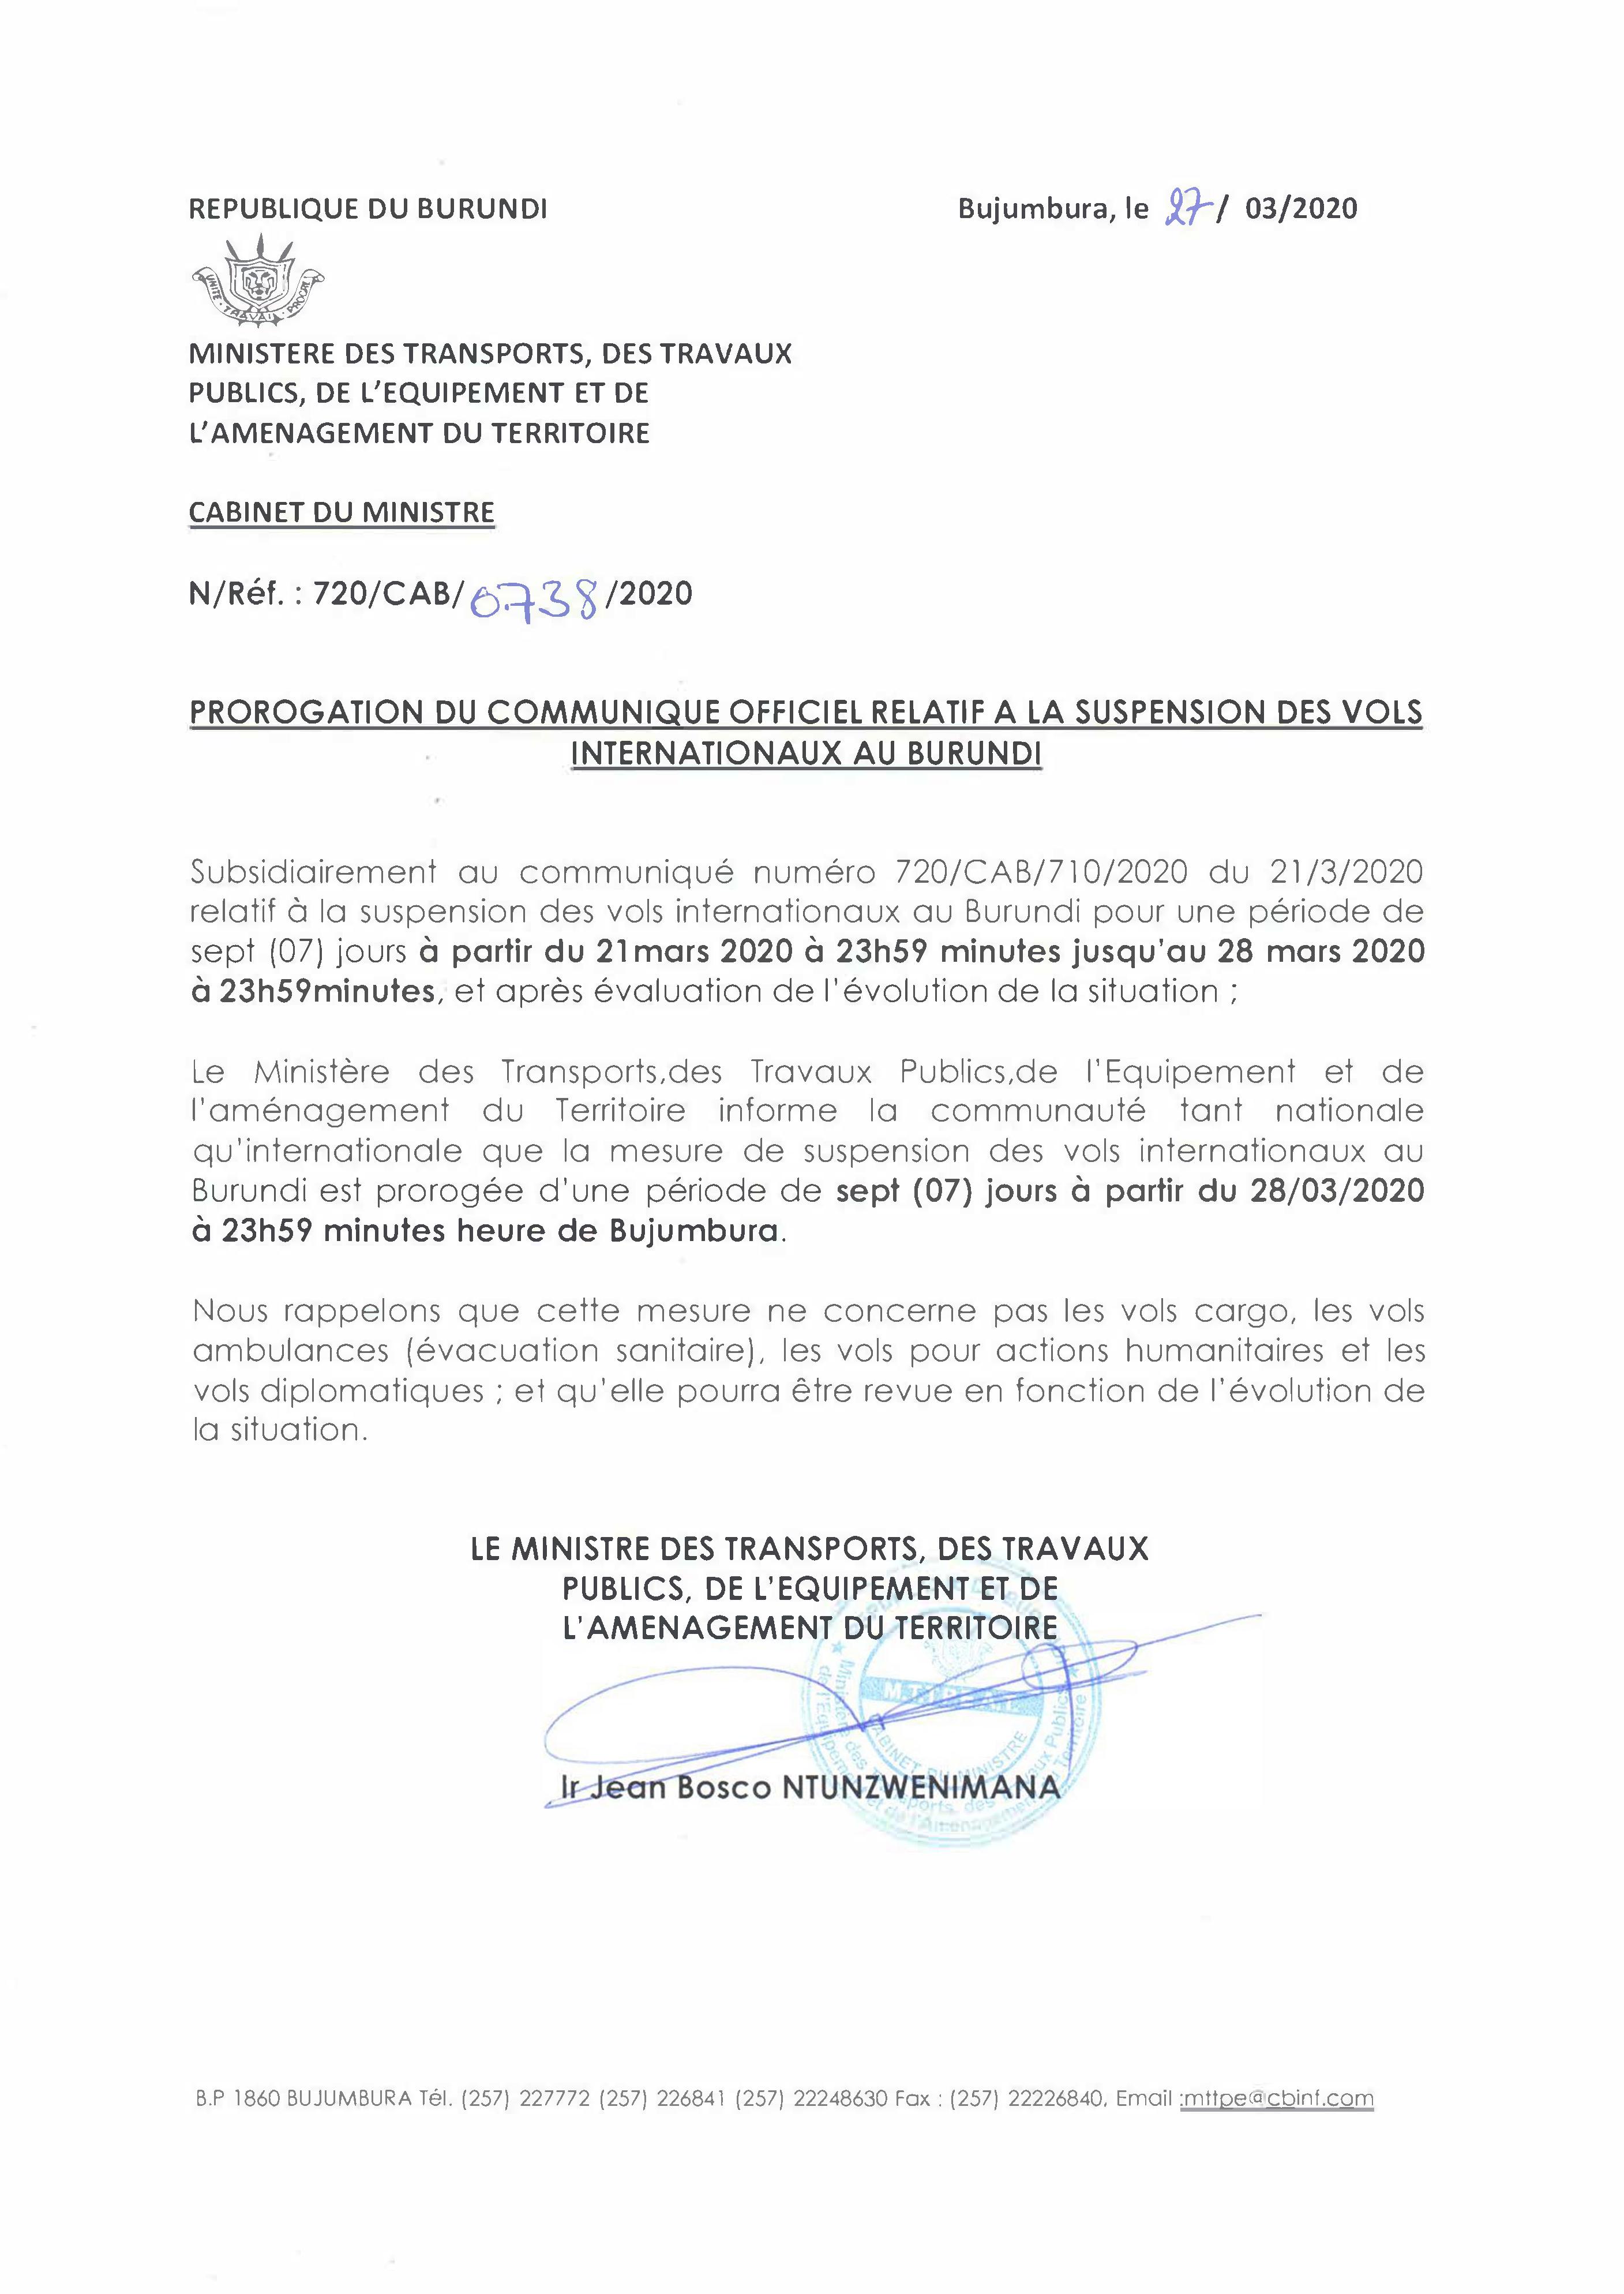 Prorogation du Communiquée Officiel Relatif à la Suspension des Vols Internationaux au Burundi